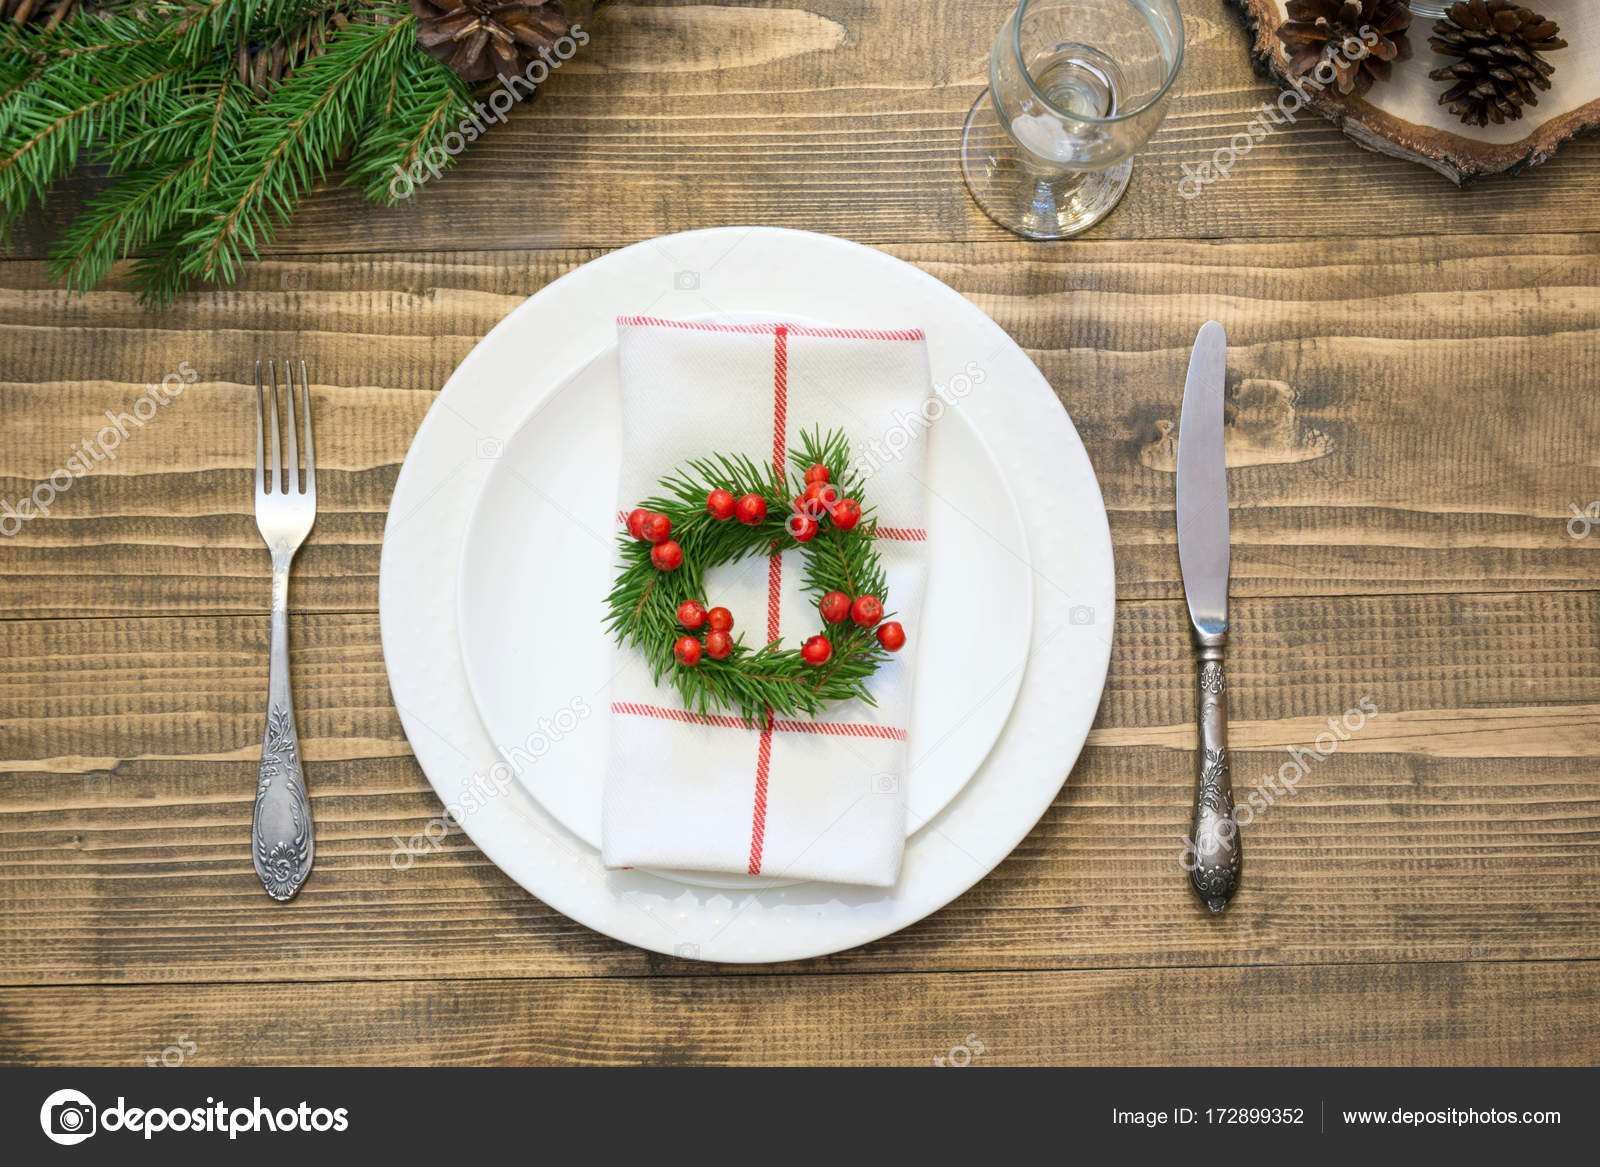 Weihnachten Tischdekoration Mit Vintage Geschirr Besteck Und